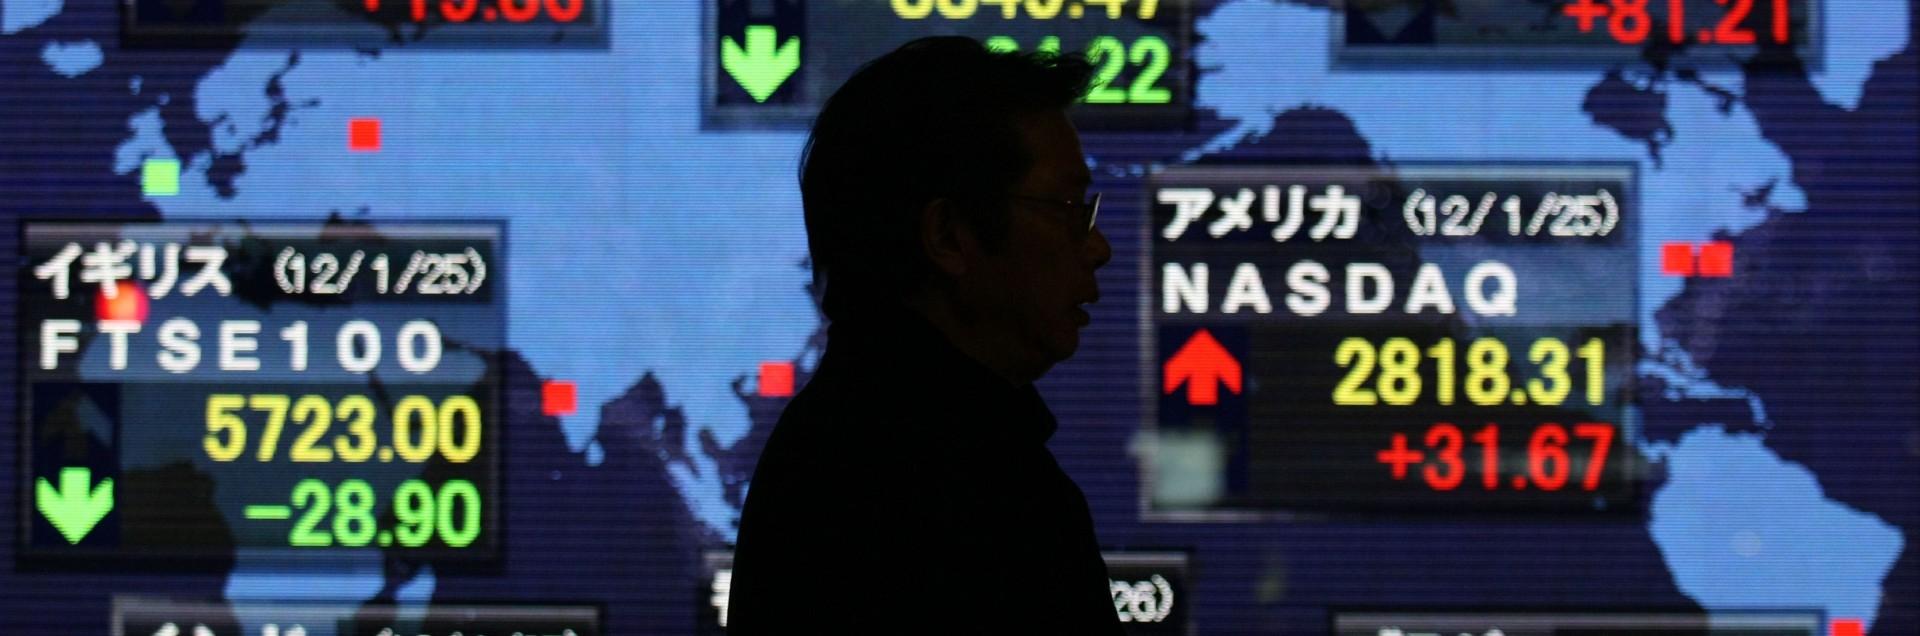 Due volte il debito italiano <br> Perché Tokyo non rischia?